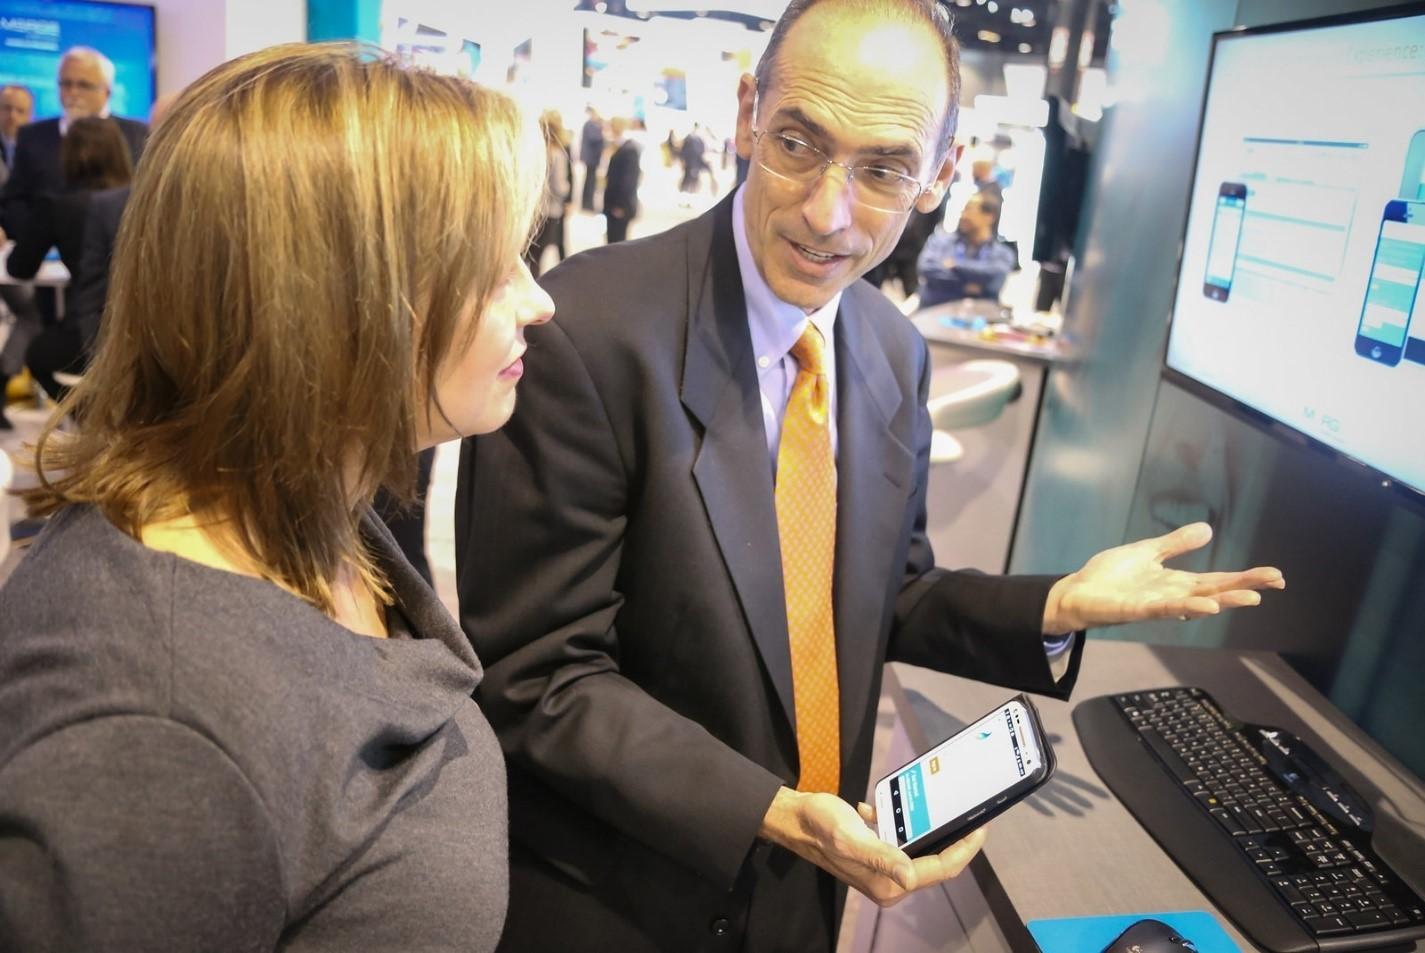 Когнитивная система IBM поможет врачам автоматизировать анализ медицинских снимков - 2